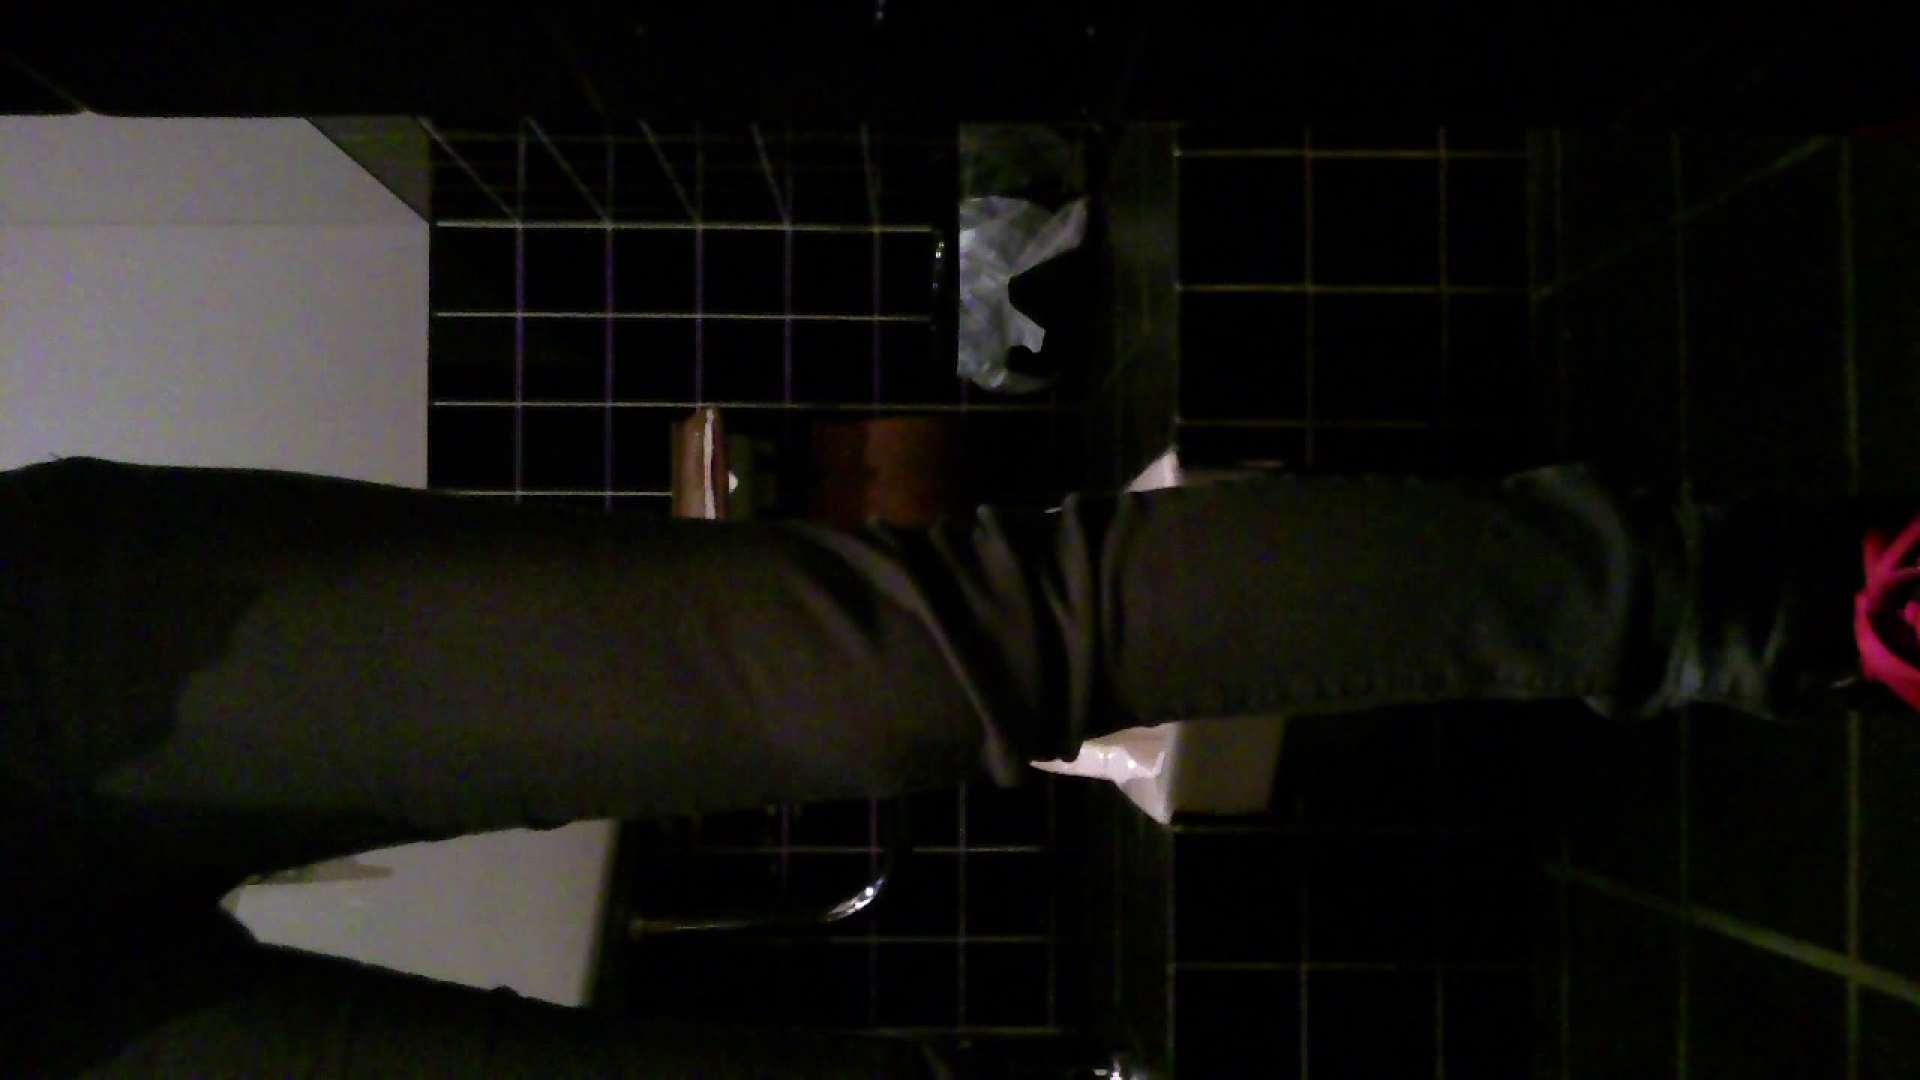 美女の集まる飲み屋洗面所 vol.02 OLセックス  110画像 10